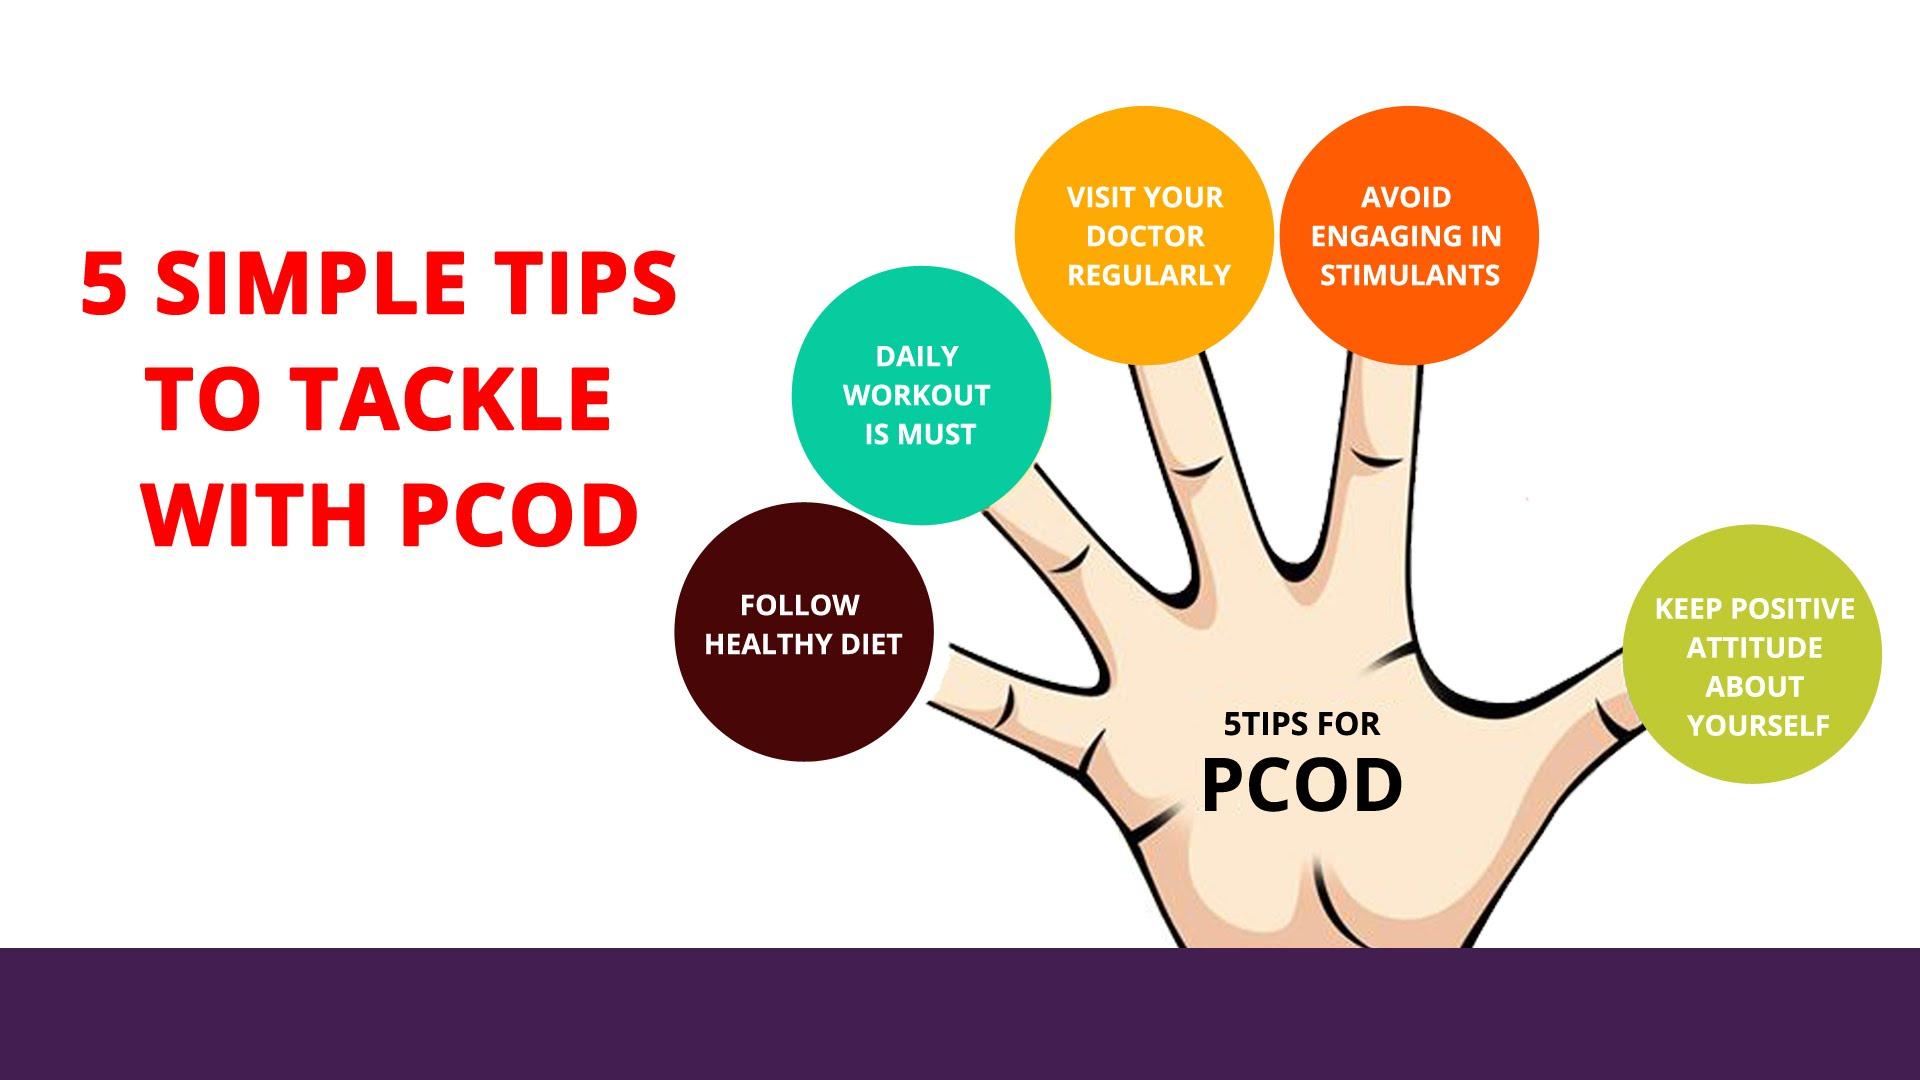 Prevent PCOD